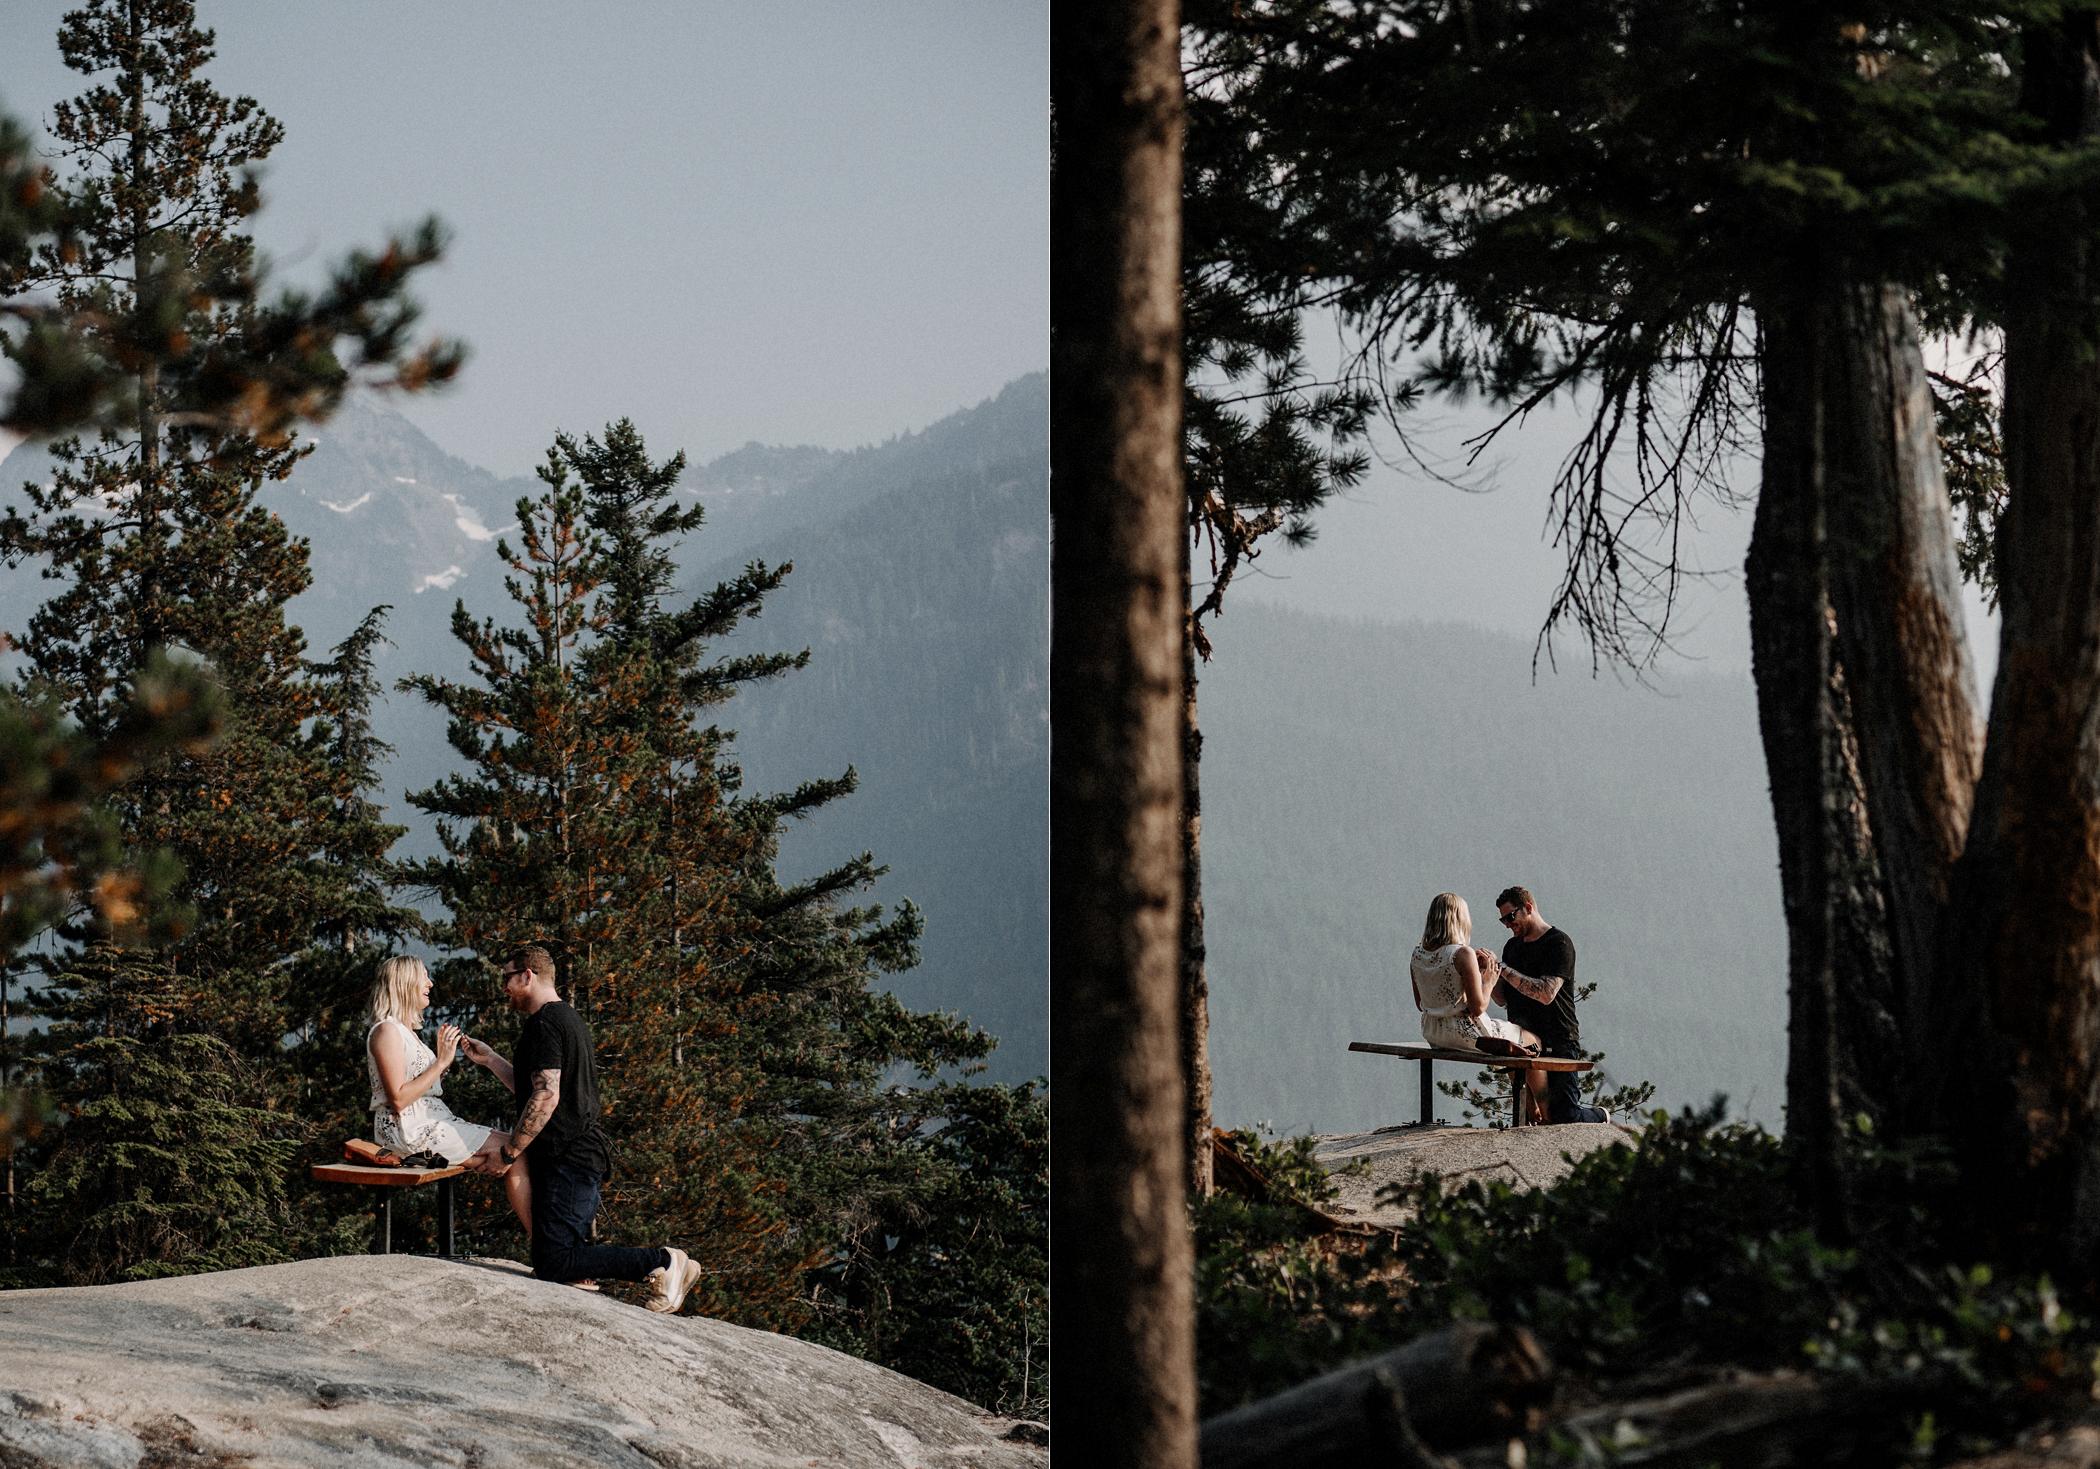 003-kaoverii-silva-HJ-prewedding-vancouver-photography-proposal-blog.png